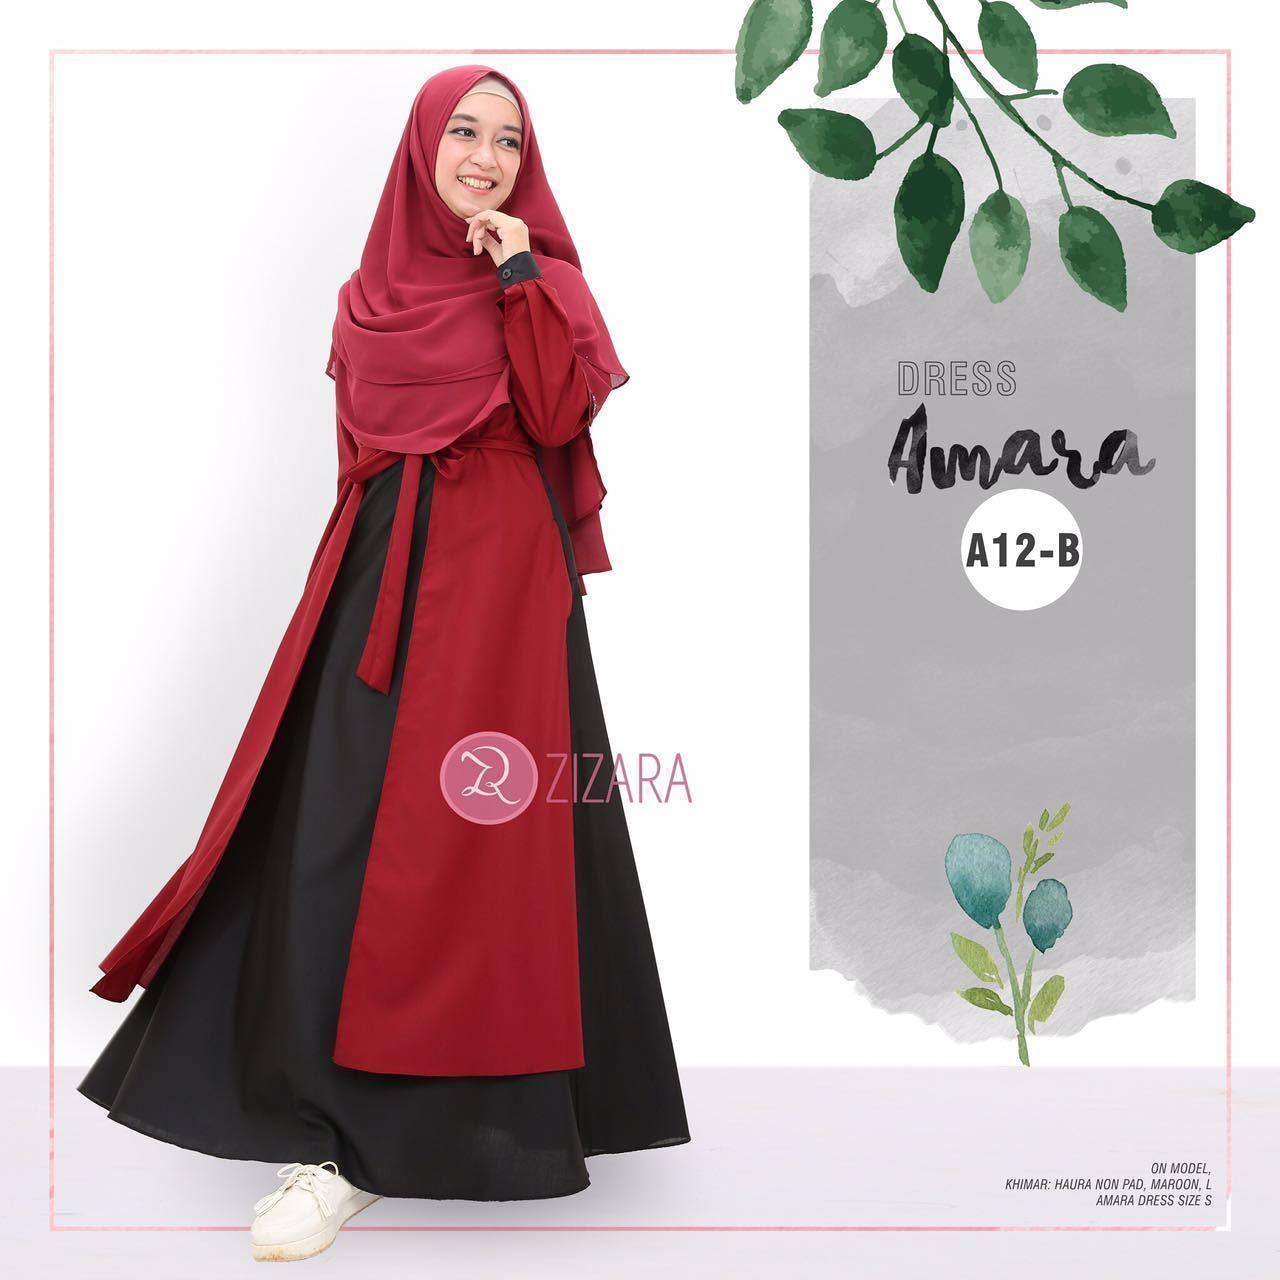 Gamis Zizara Amara Dress A12 B - baju muslimah busana muslim Kini hadir  untukmu yang cantik 2d2cf428c2